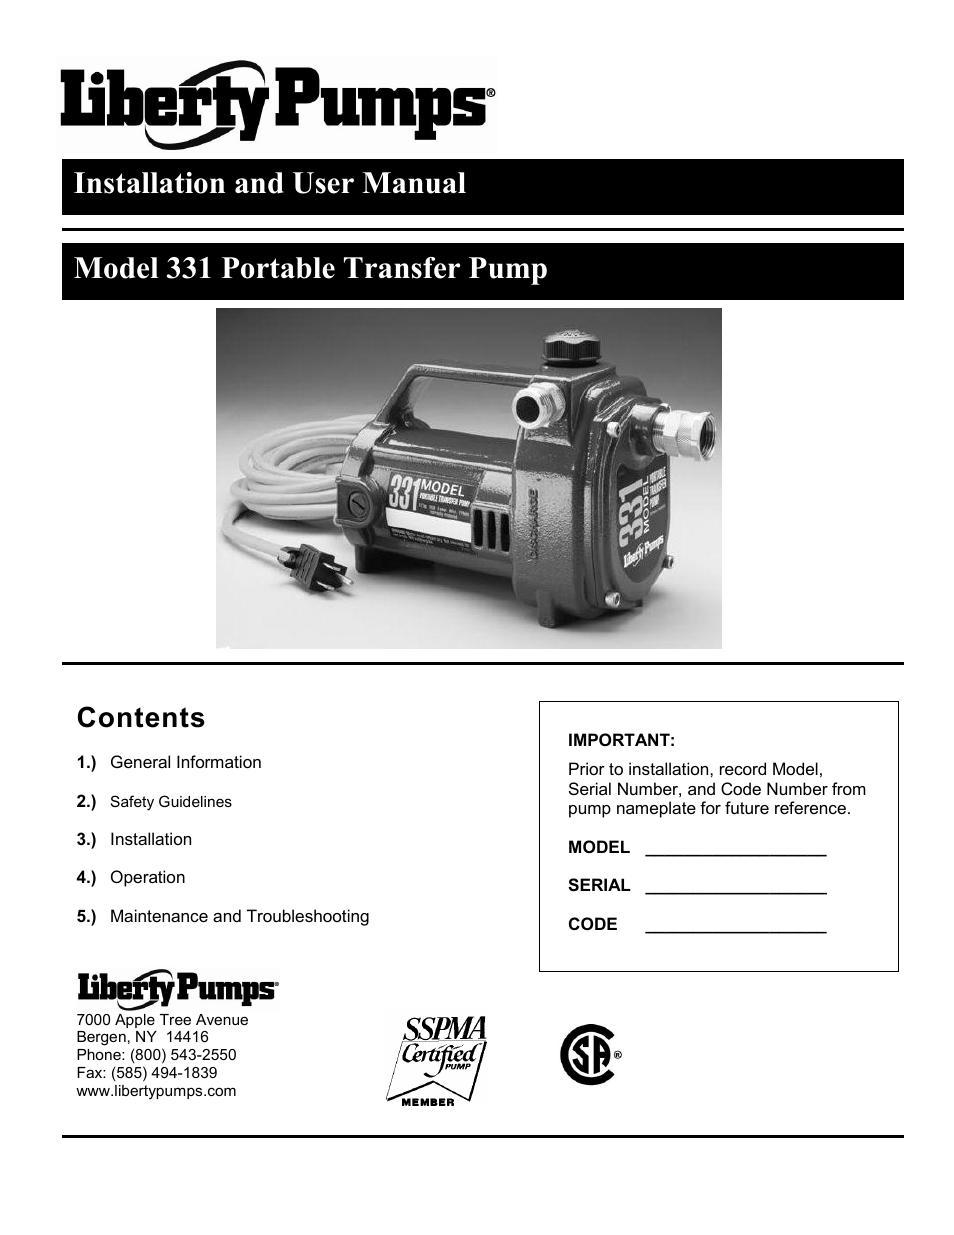 liberty pumps 331 user manual 12 pages ge speakerphone user manual GE Phones Instruction Manual